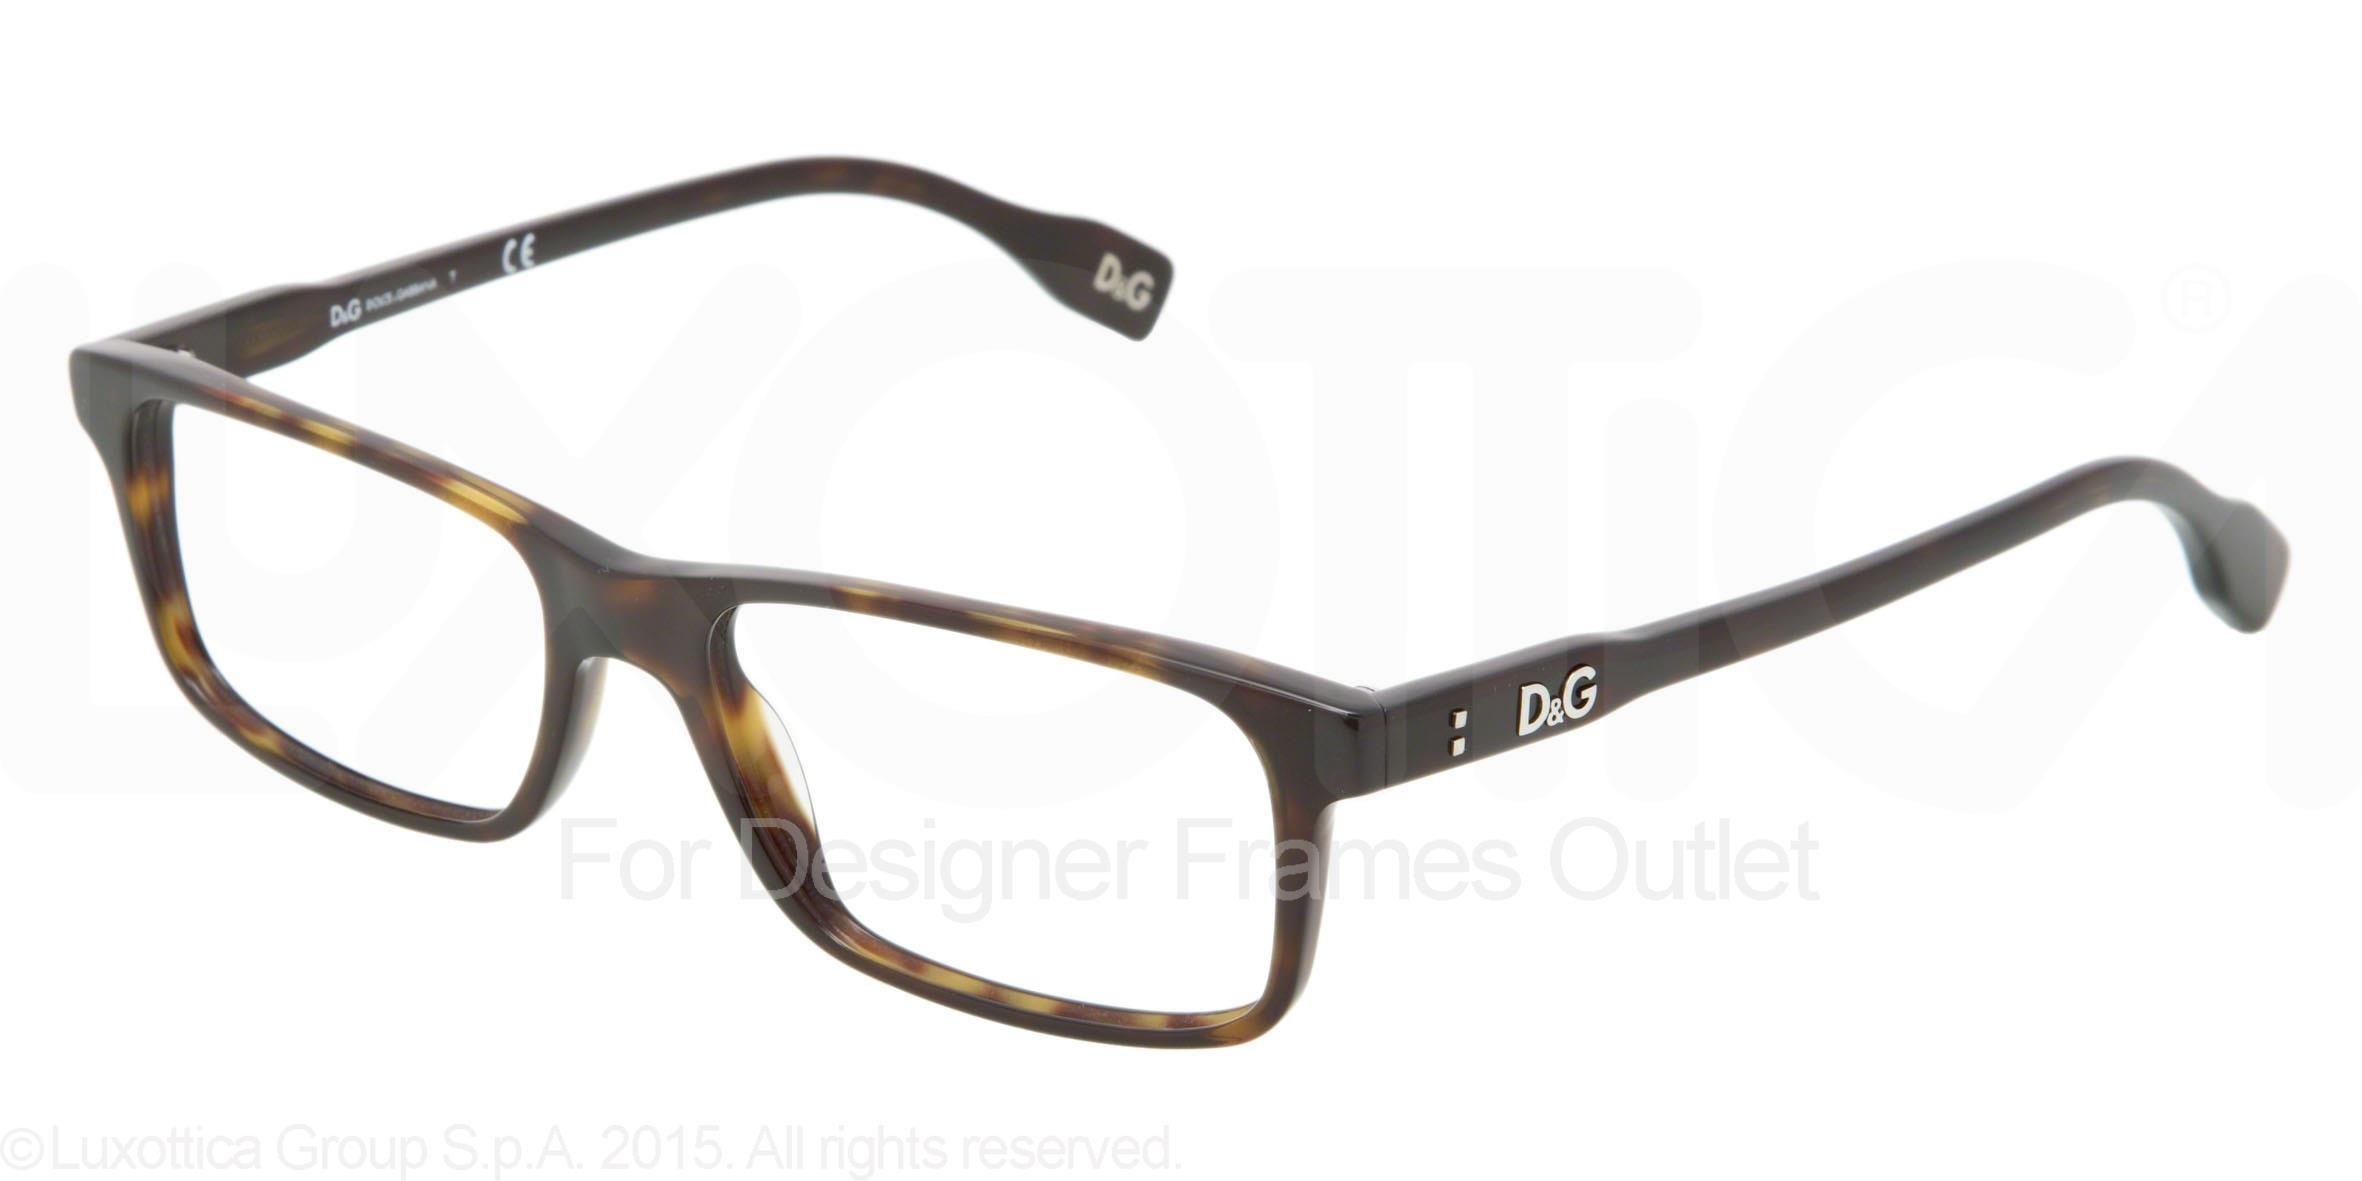 Designer Frames Outlet. D&G DD1244